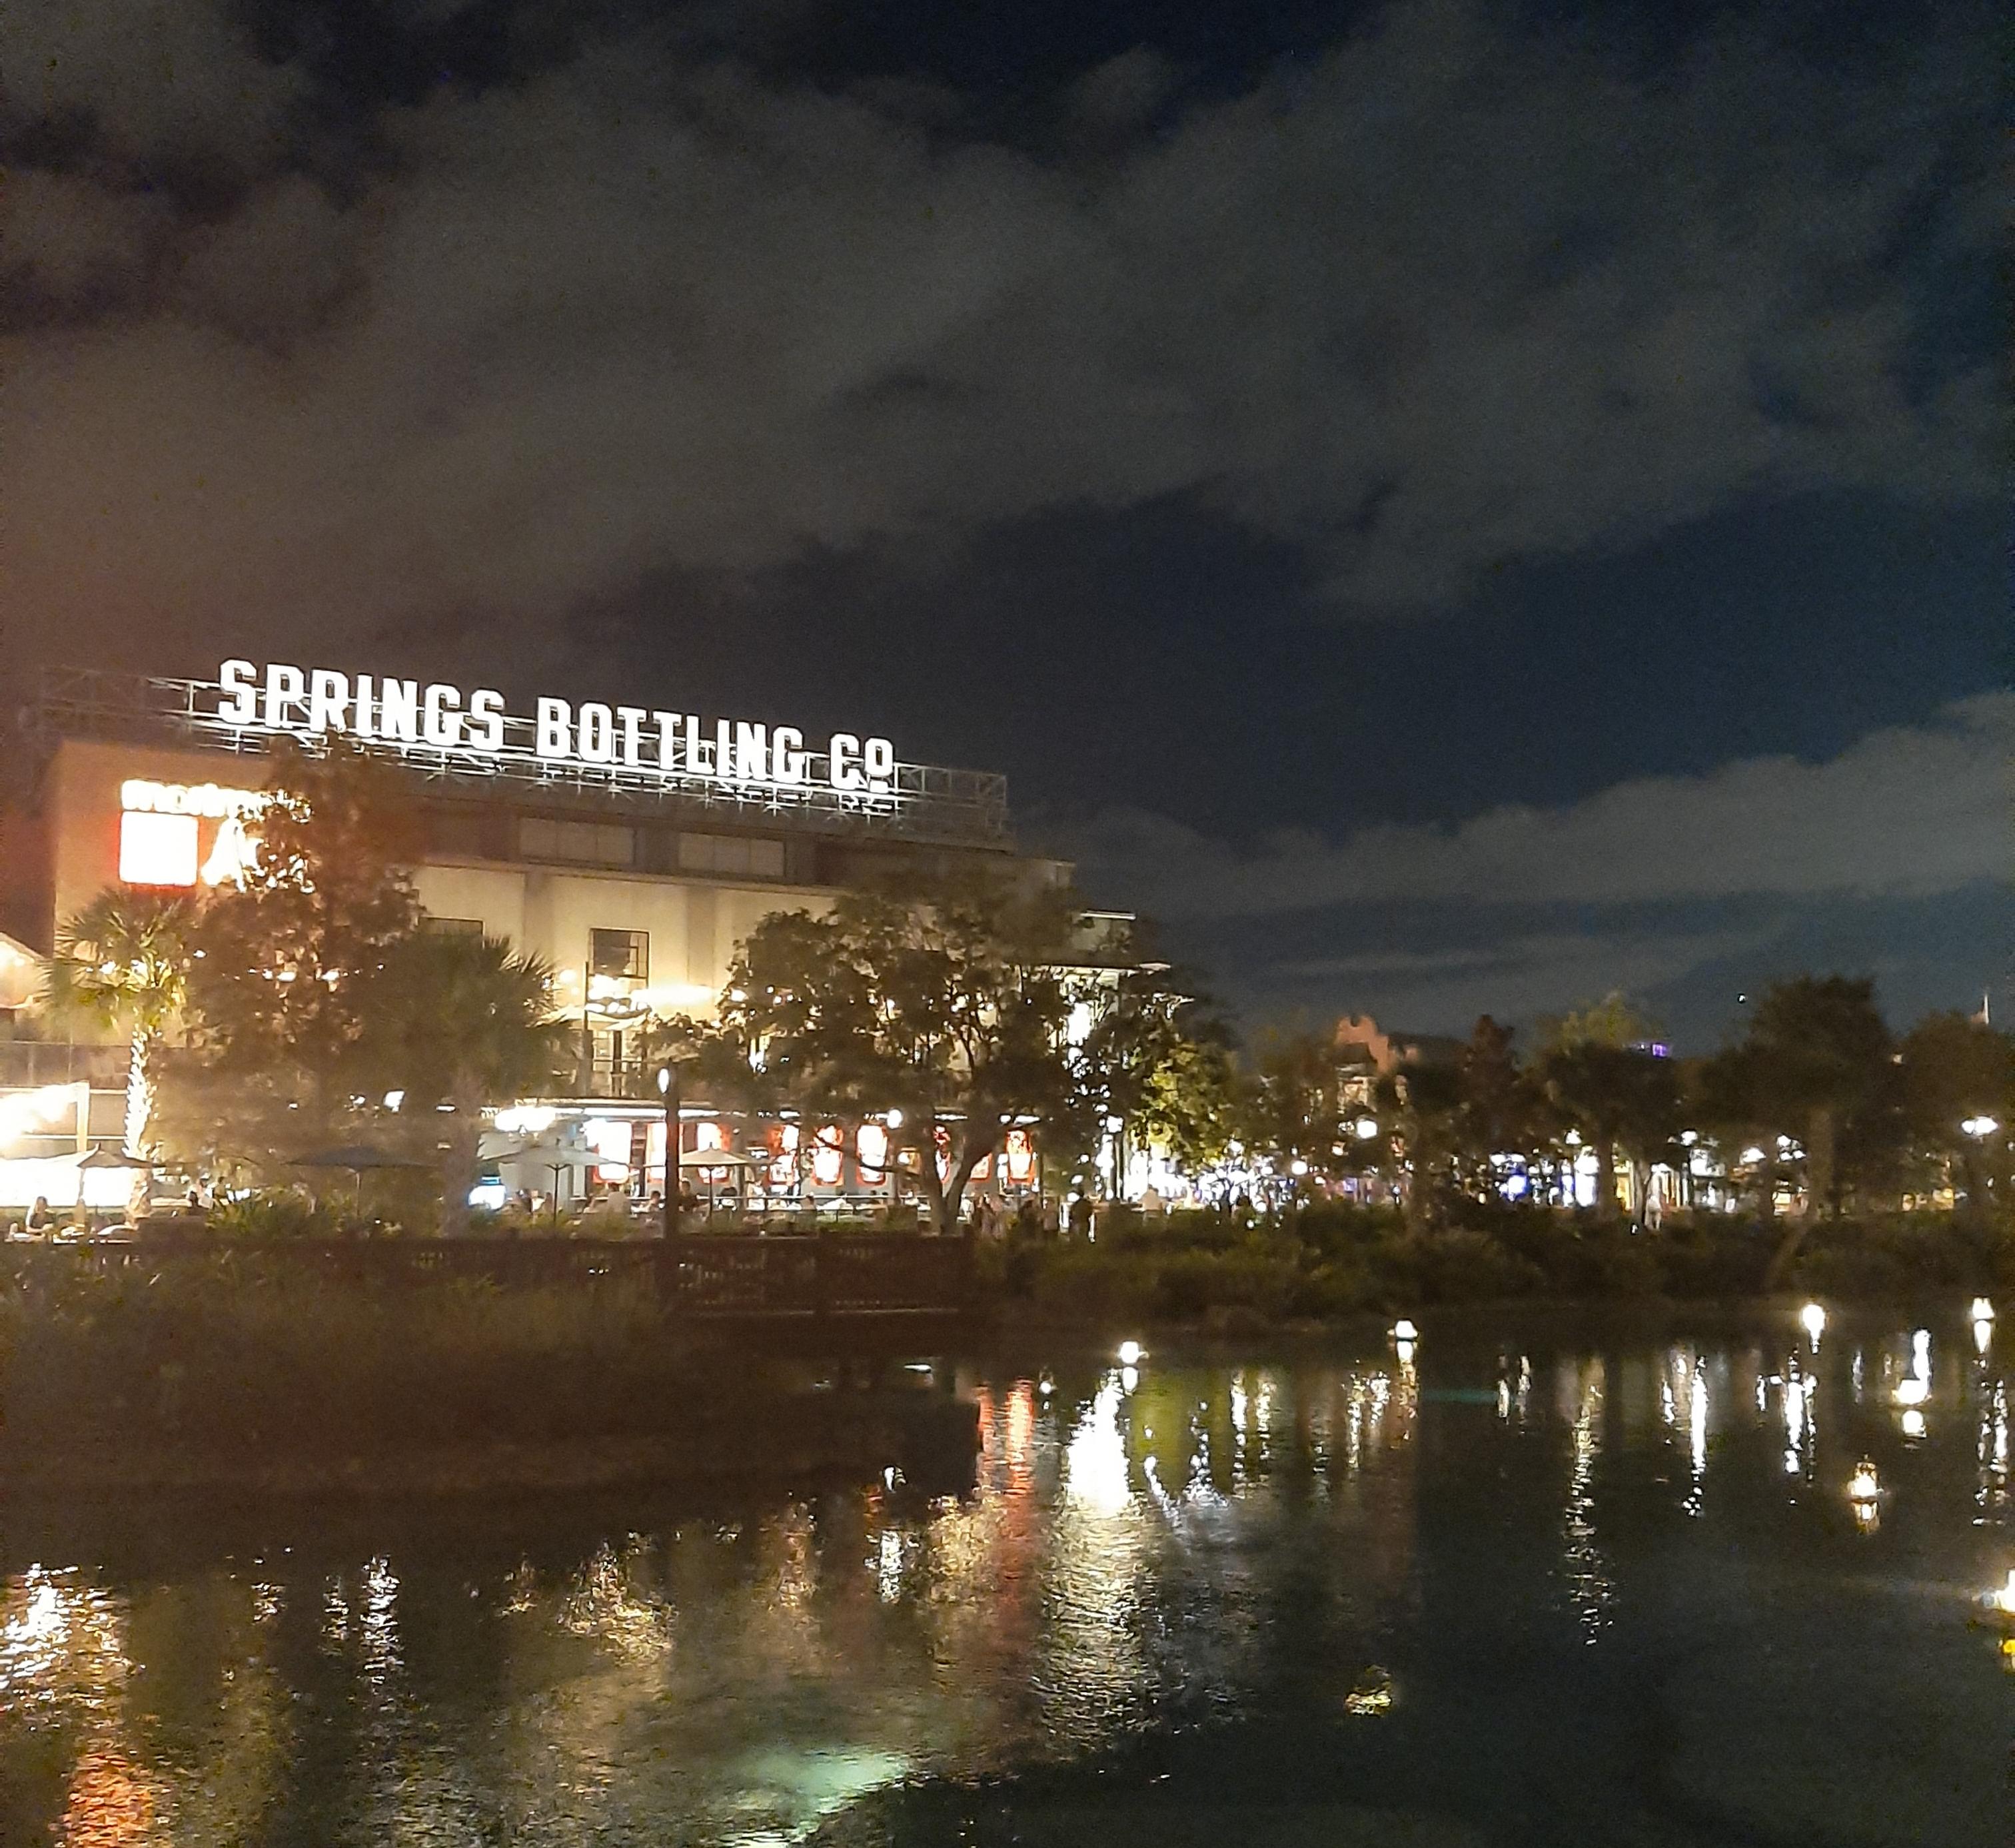 Springs Bottling Co against a dark dusk sky